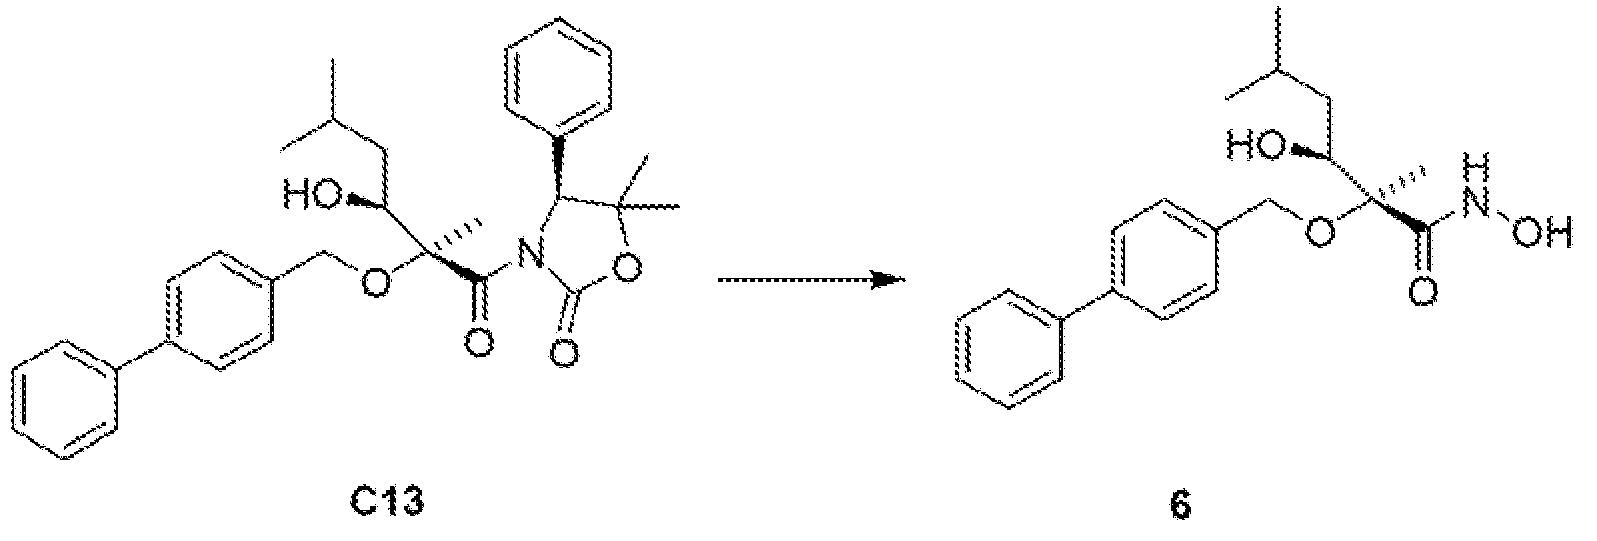 N,n Dimethylhexanamide Patent WO2010032147A2 ...